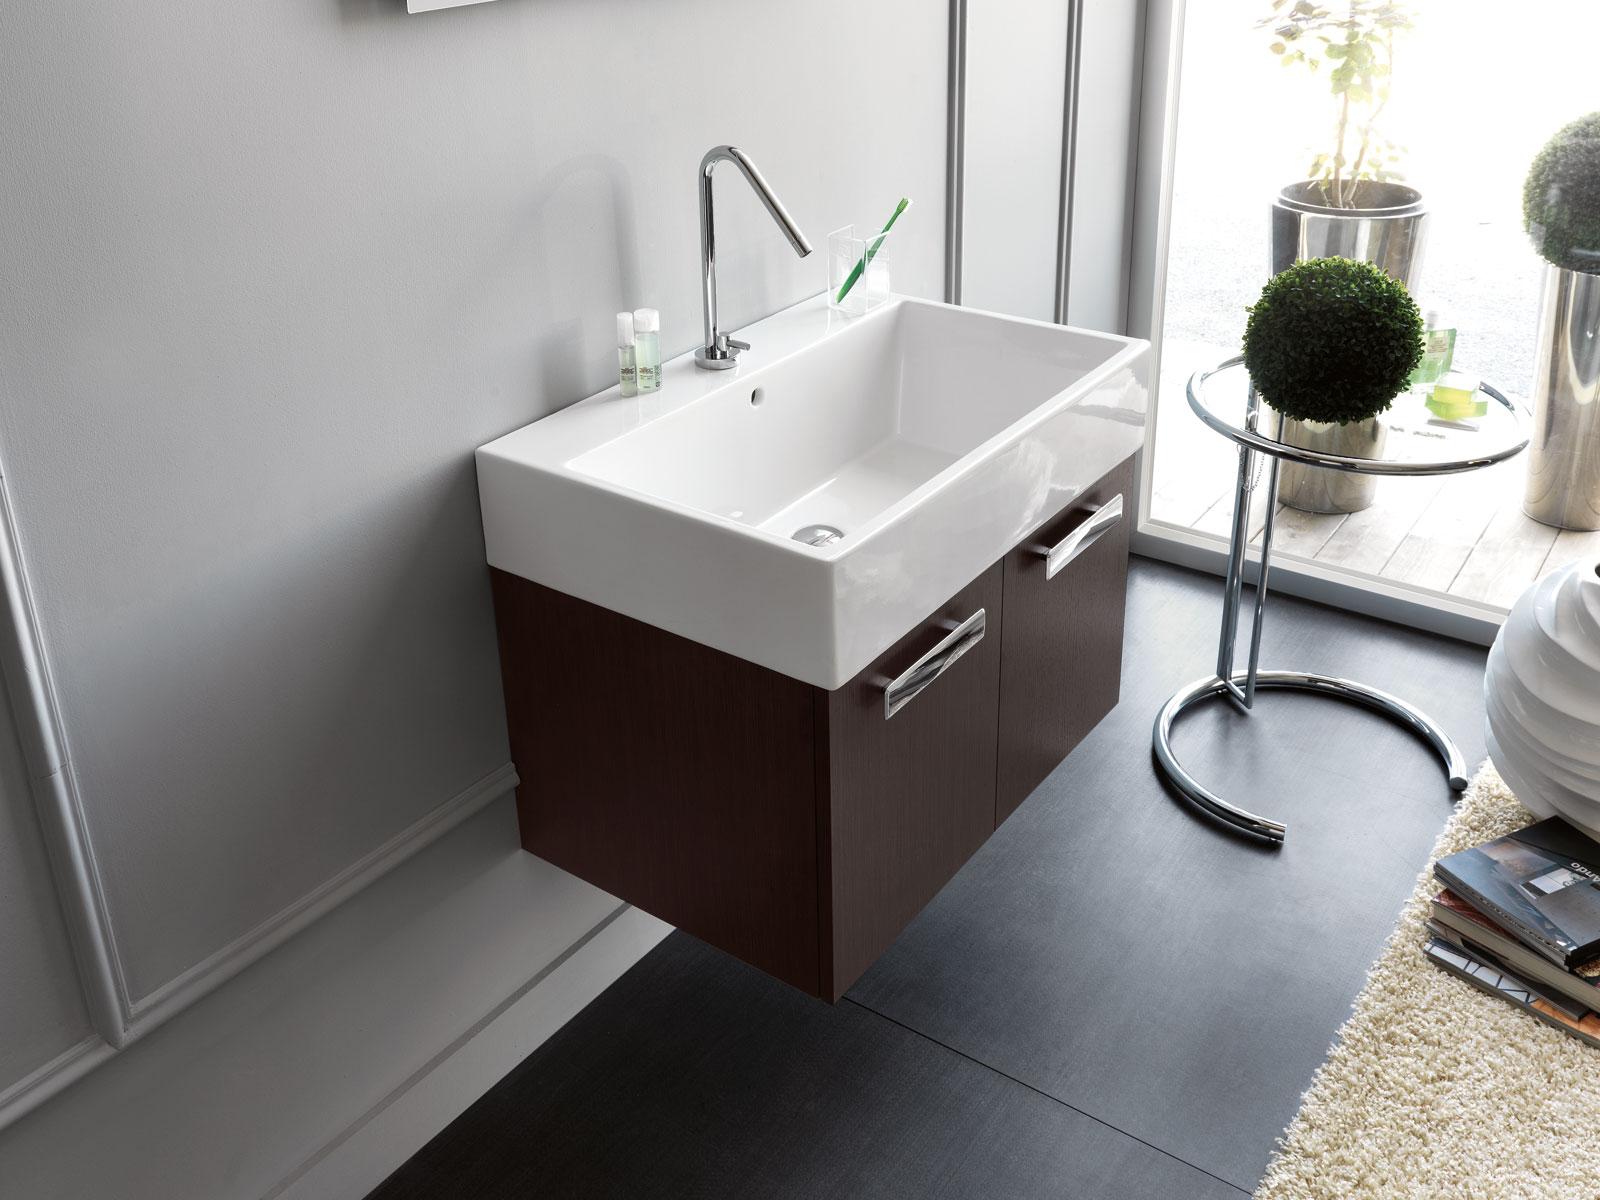 Colavene ceramichemichelediprima for Prezzi lavabo bagno